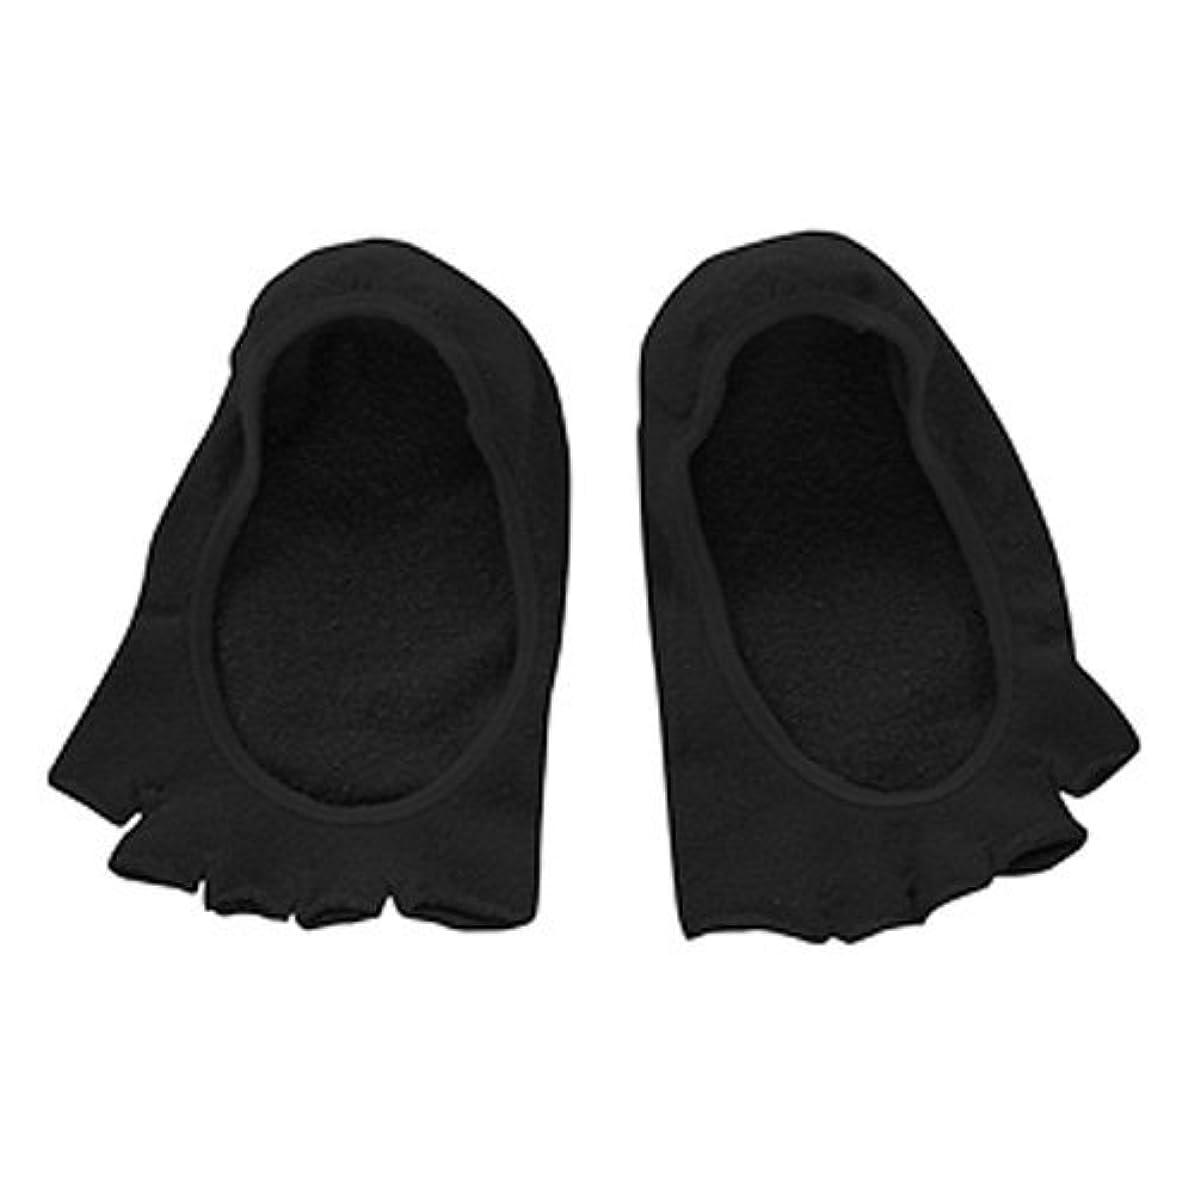 コクーンフィット 5本指オープントゥのフットカバー(かかとシリコン付き) ブラック